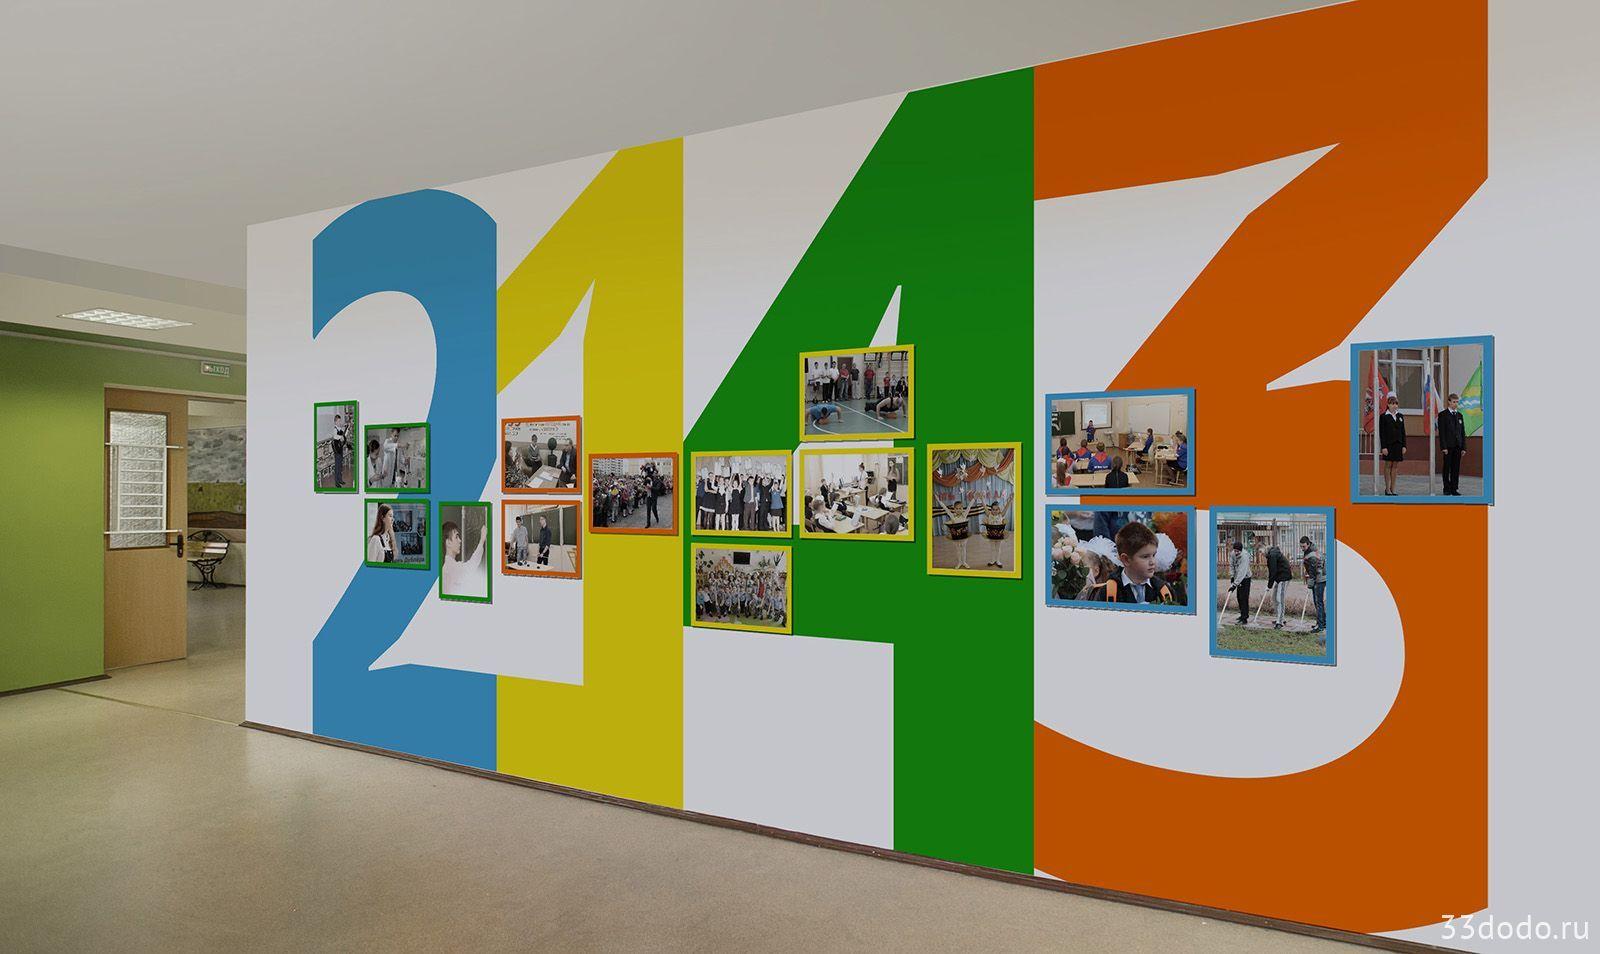 интерьер оформление стендов в школе картинки фото параметр цветовой